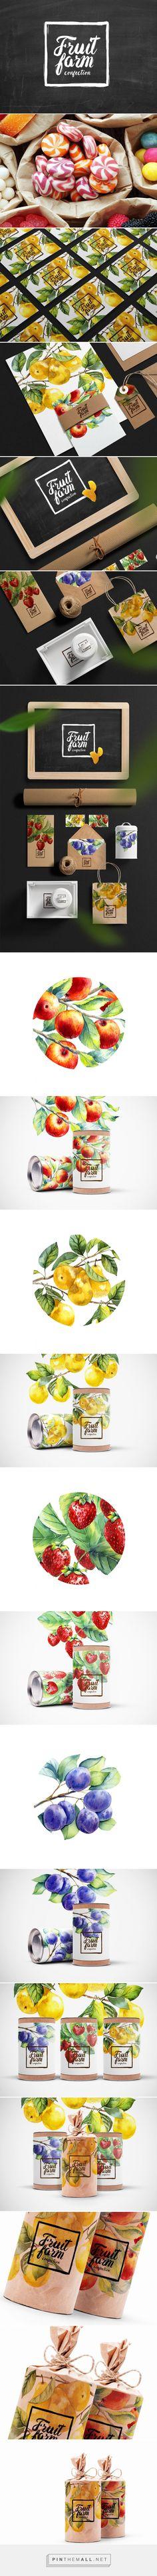 Fruit Farm Confection